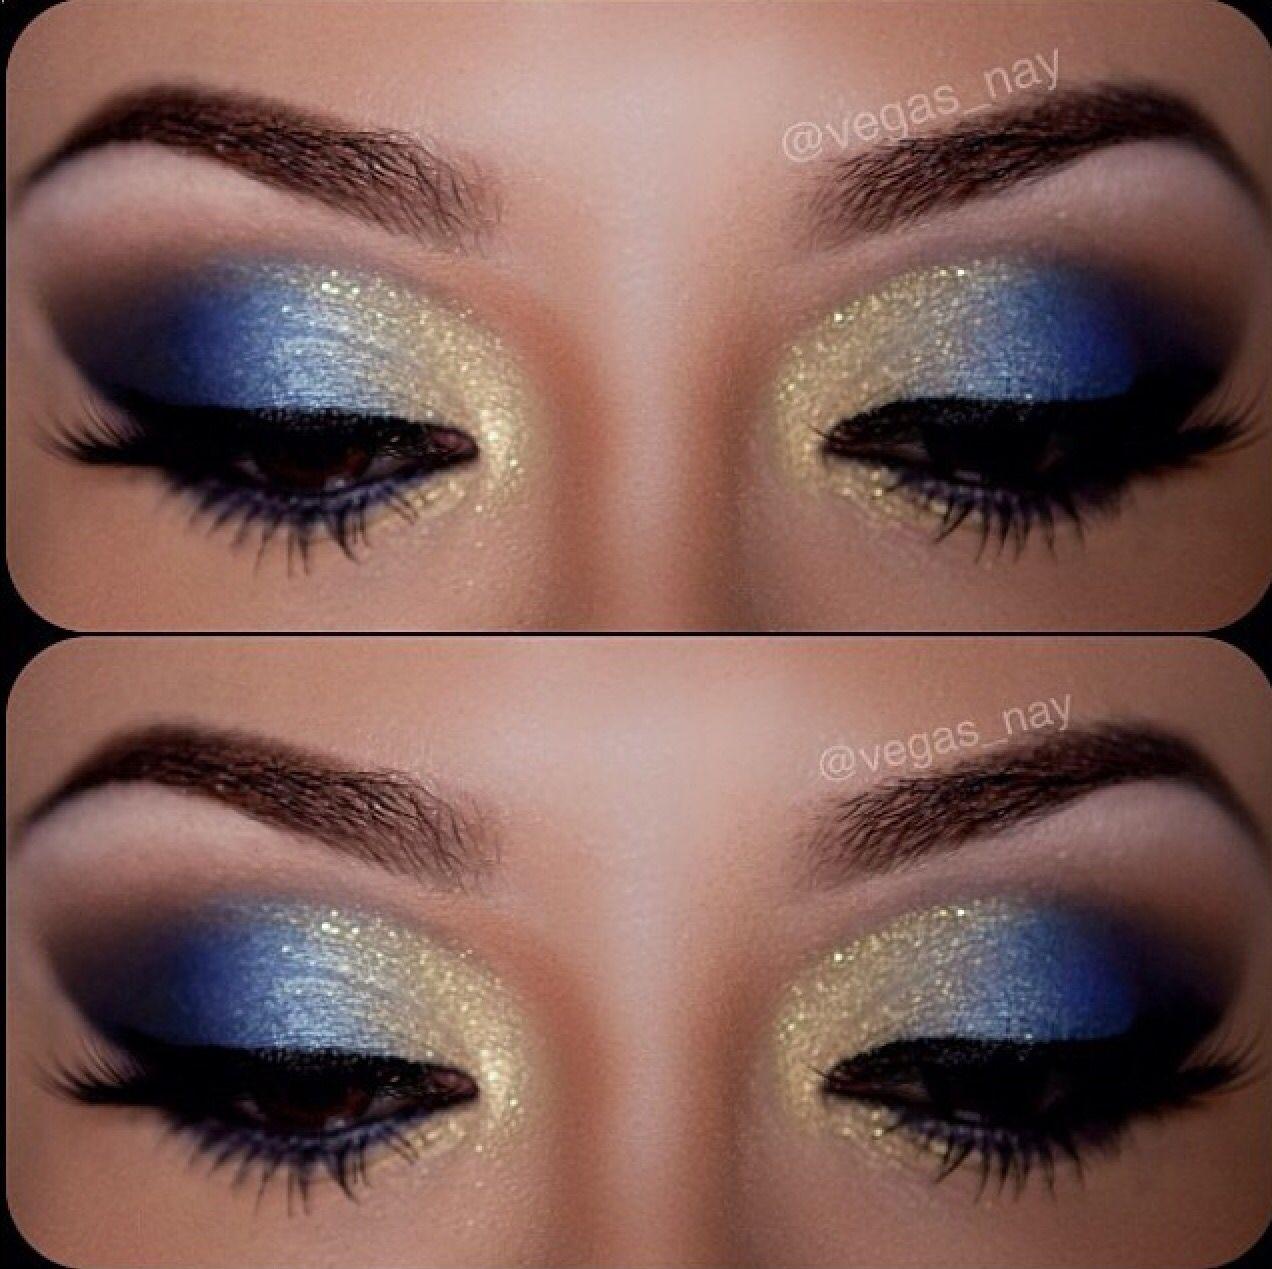 Eye makeup   Beauty makeup ( eyes, face makeup, lips etc ...